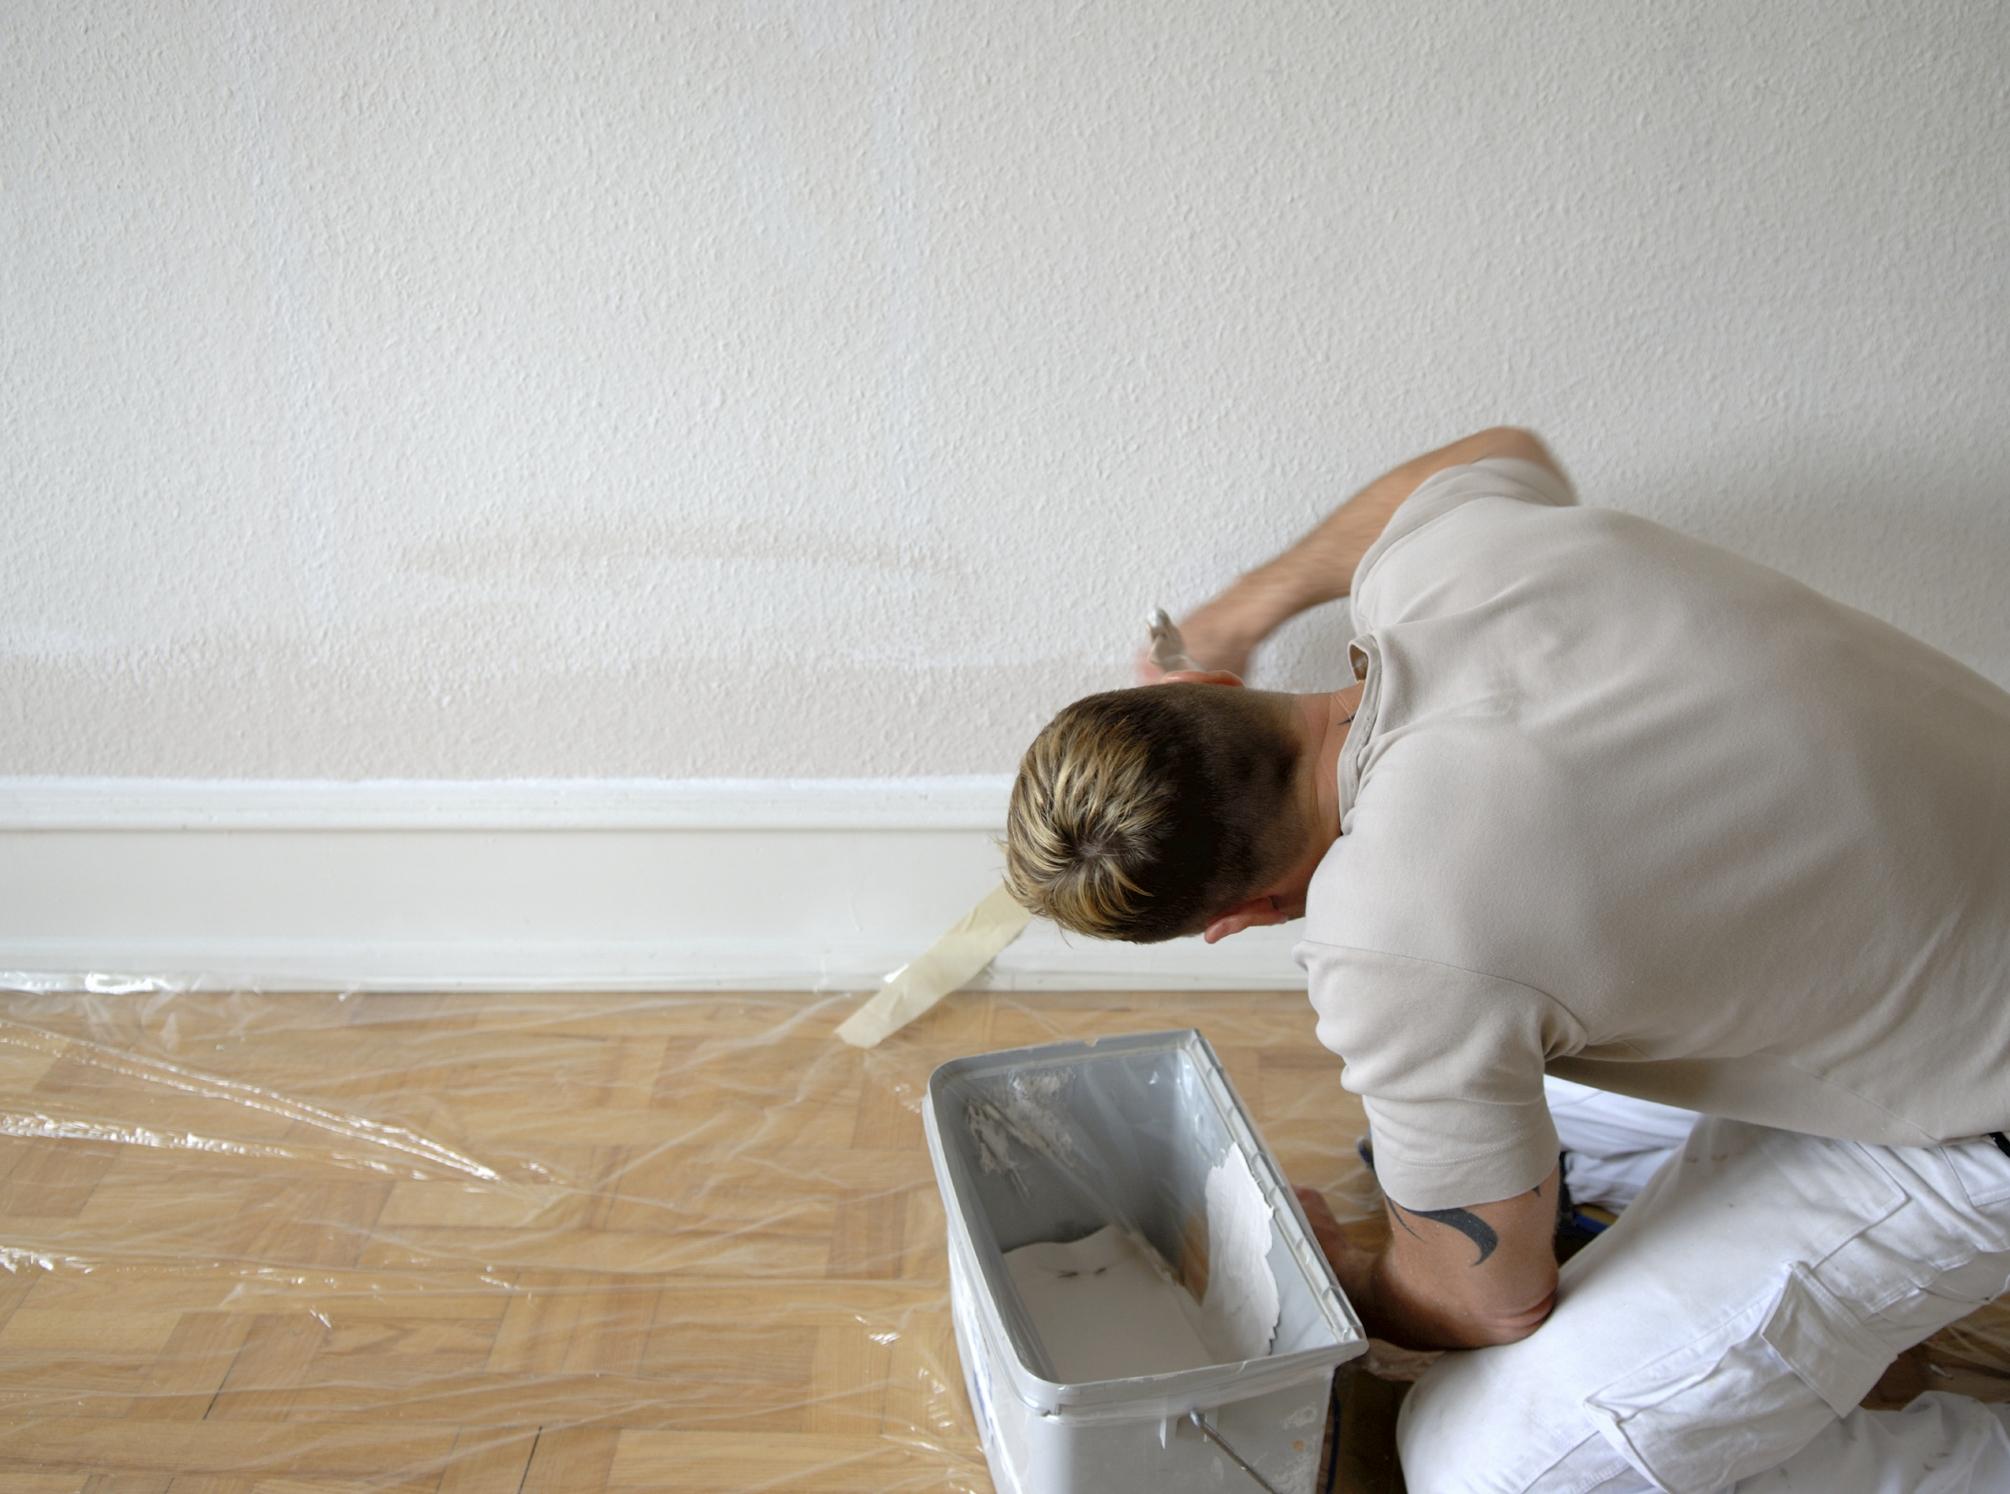 comment peindre des moulures efficacement 5 tapes suivre co peinture. Black Bedroom Furniture Sets. Home Design Ideas